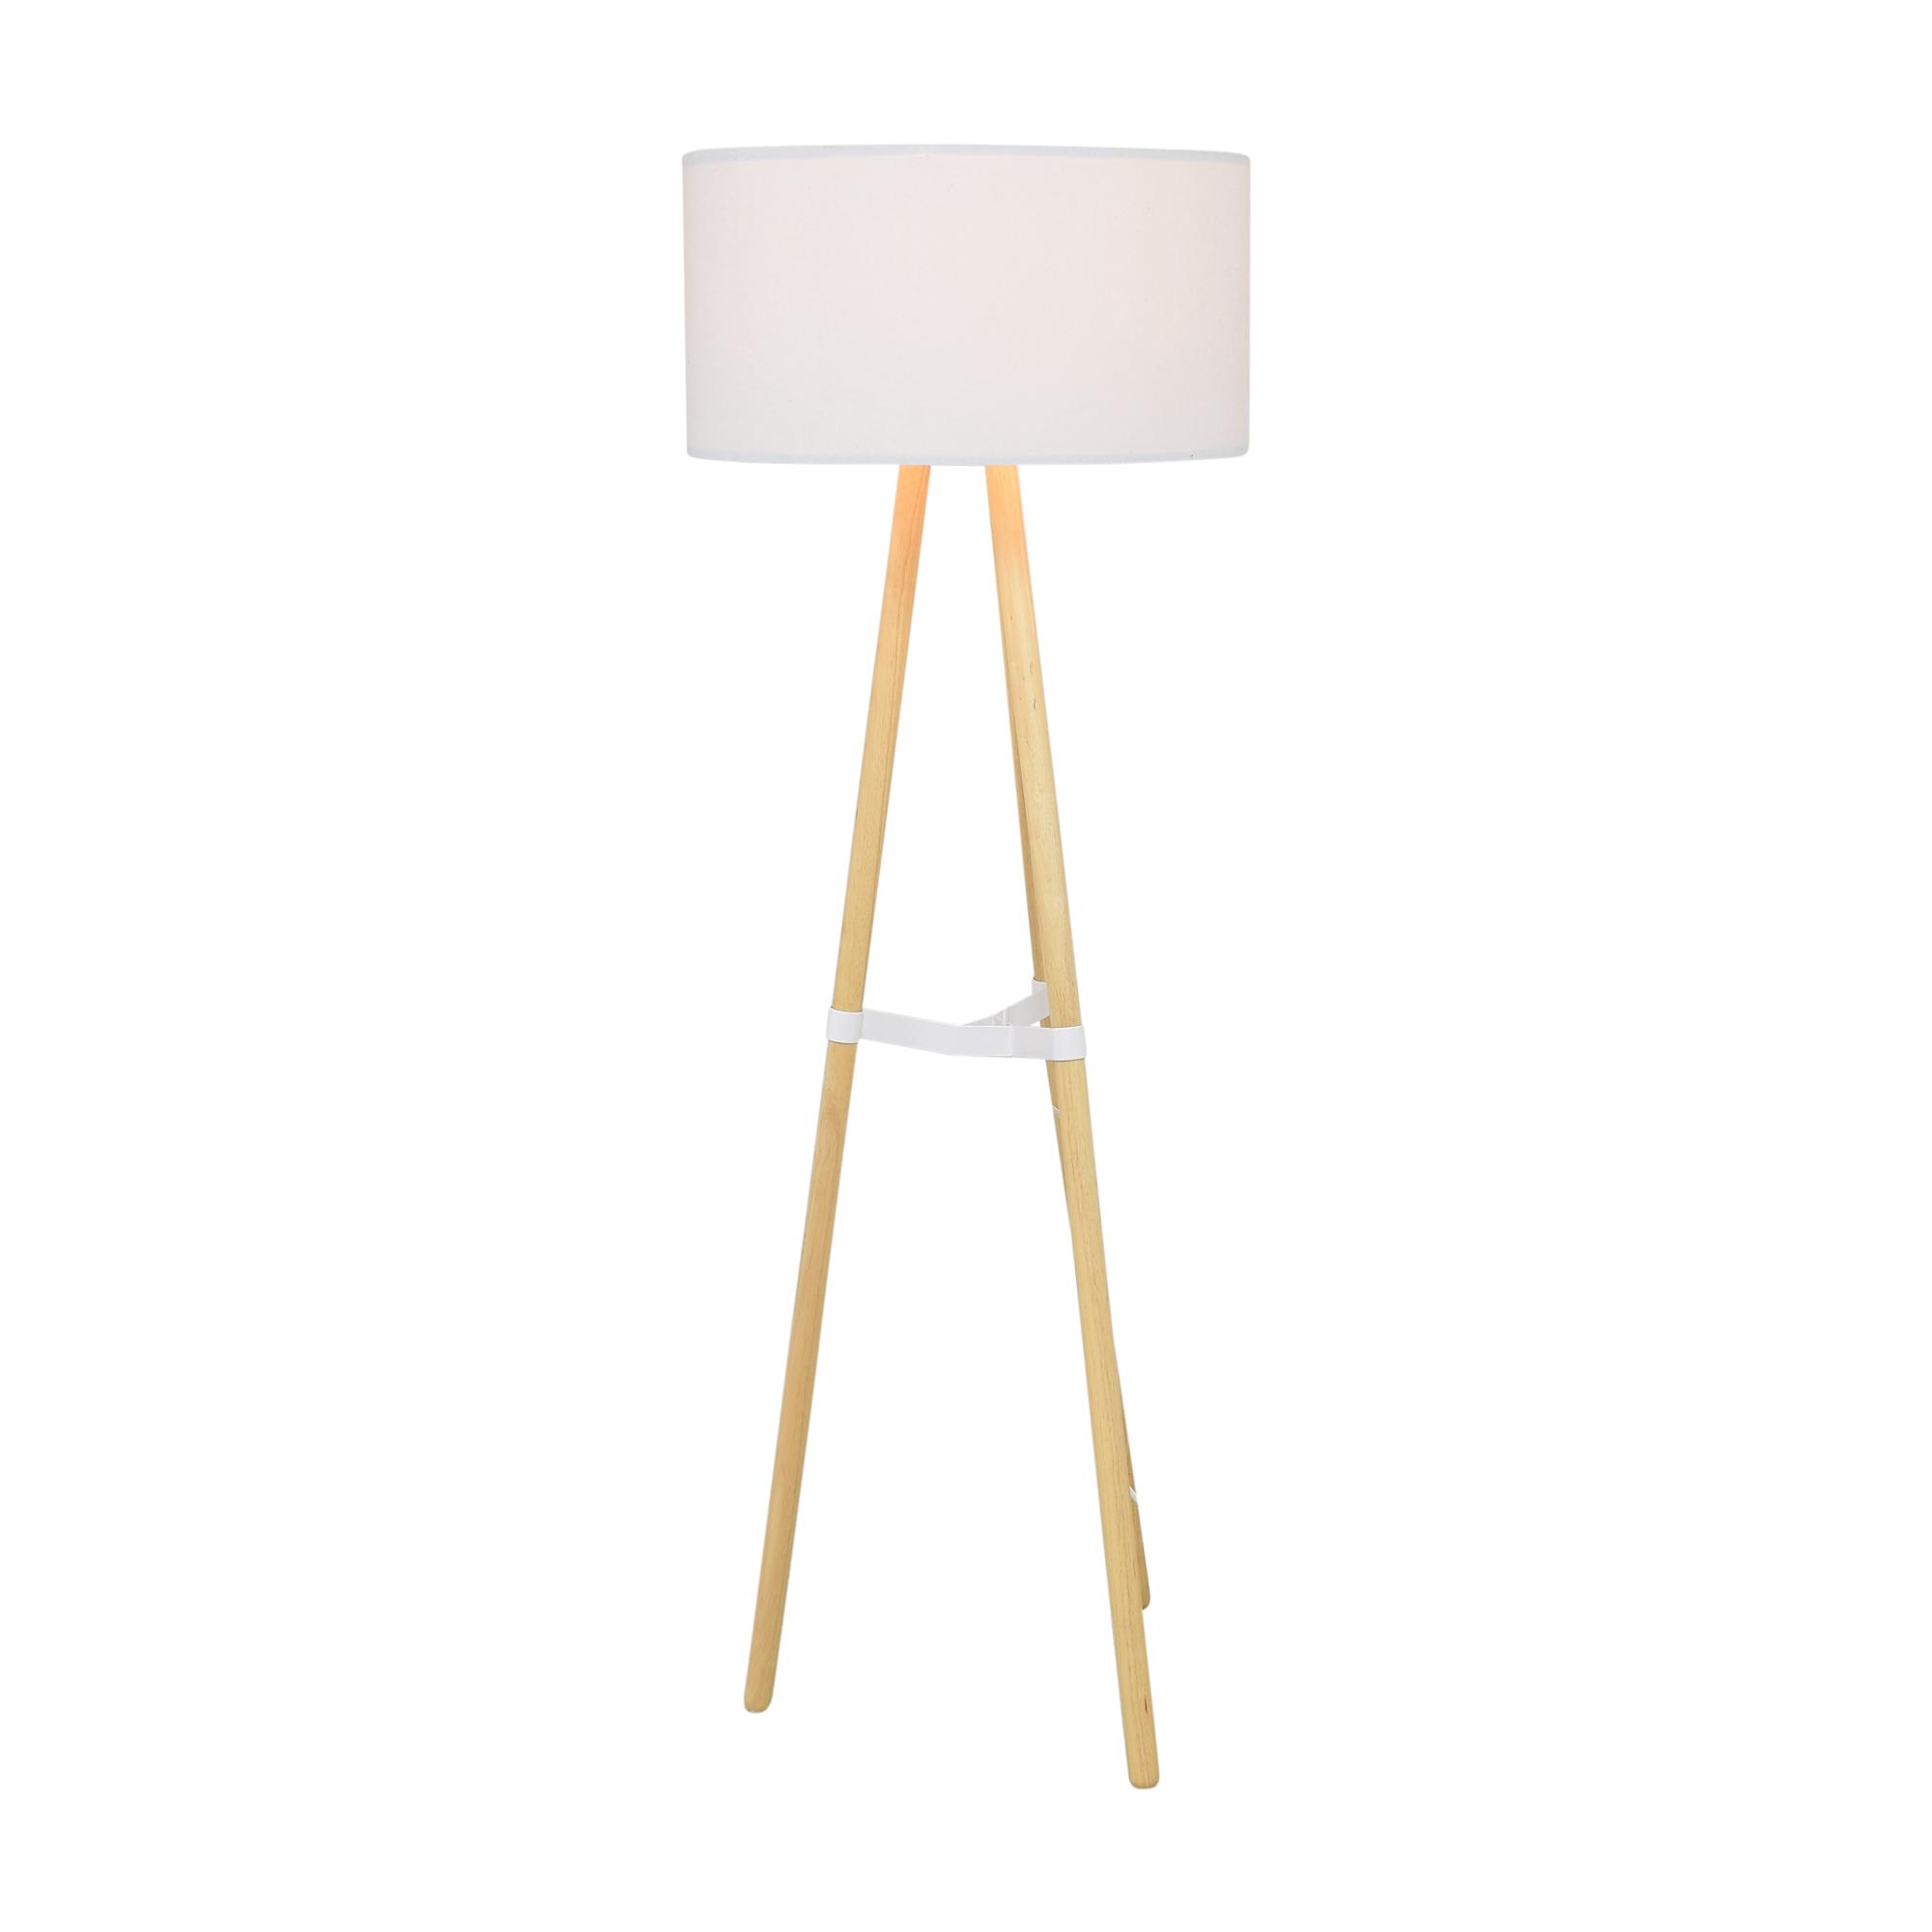 Gus Modern Gus Modern Gus x Fab Floor Lamp on sale